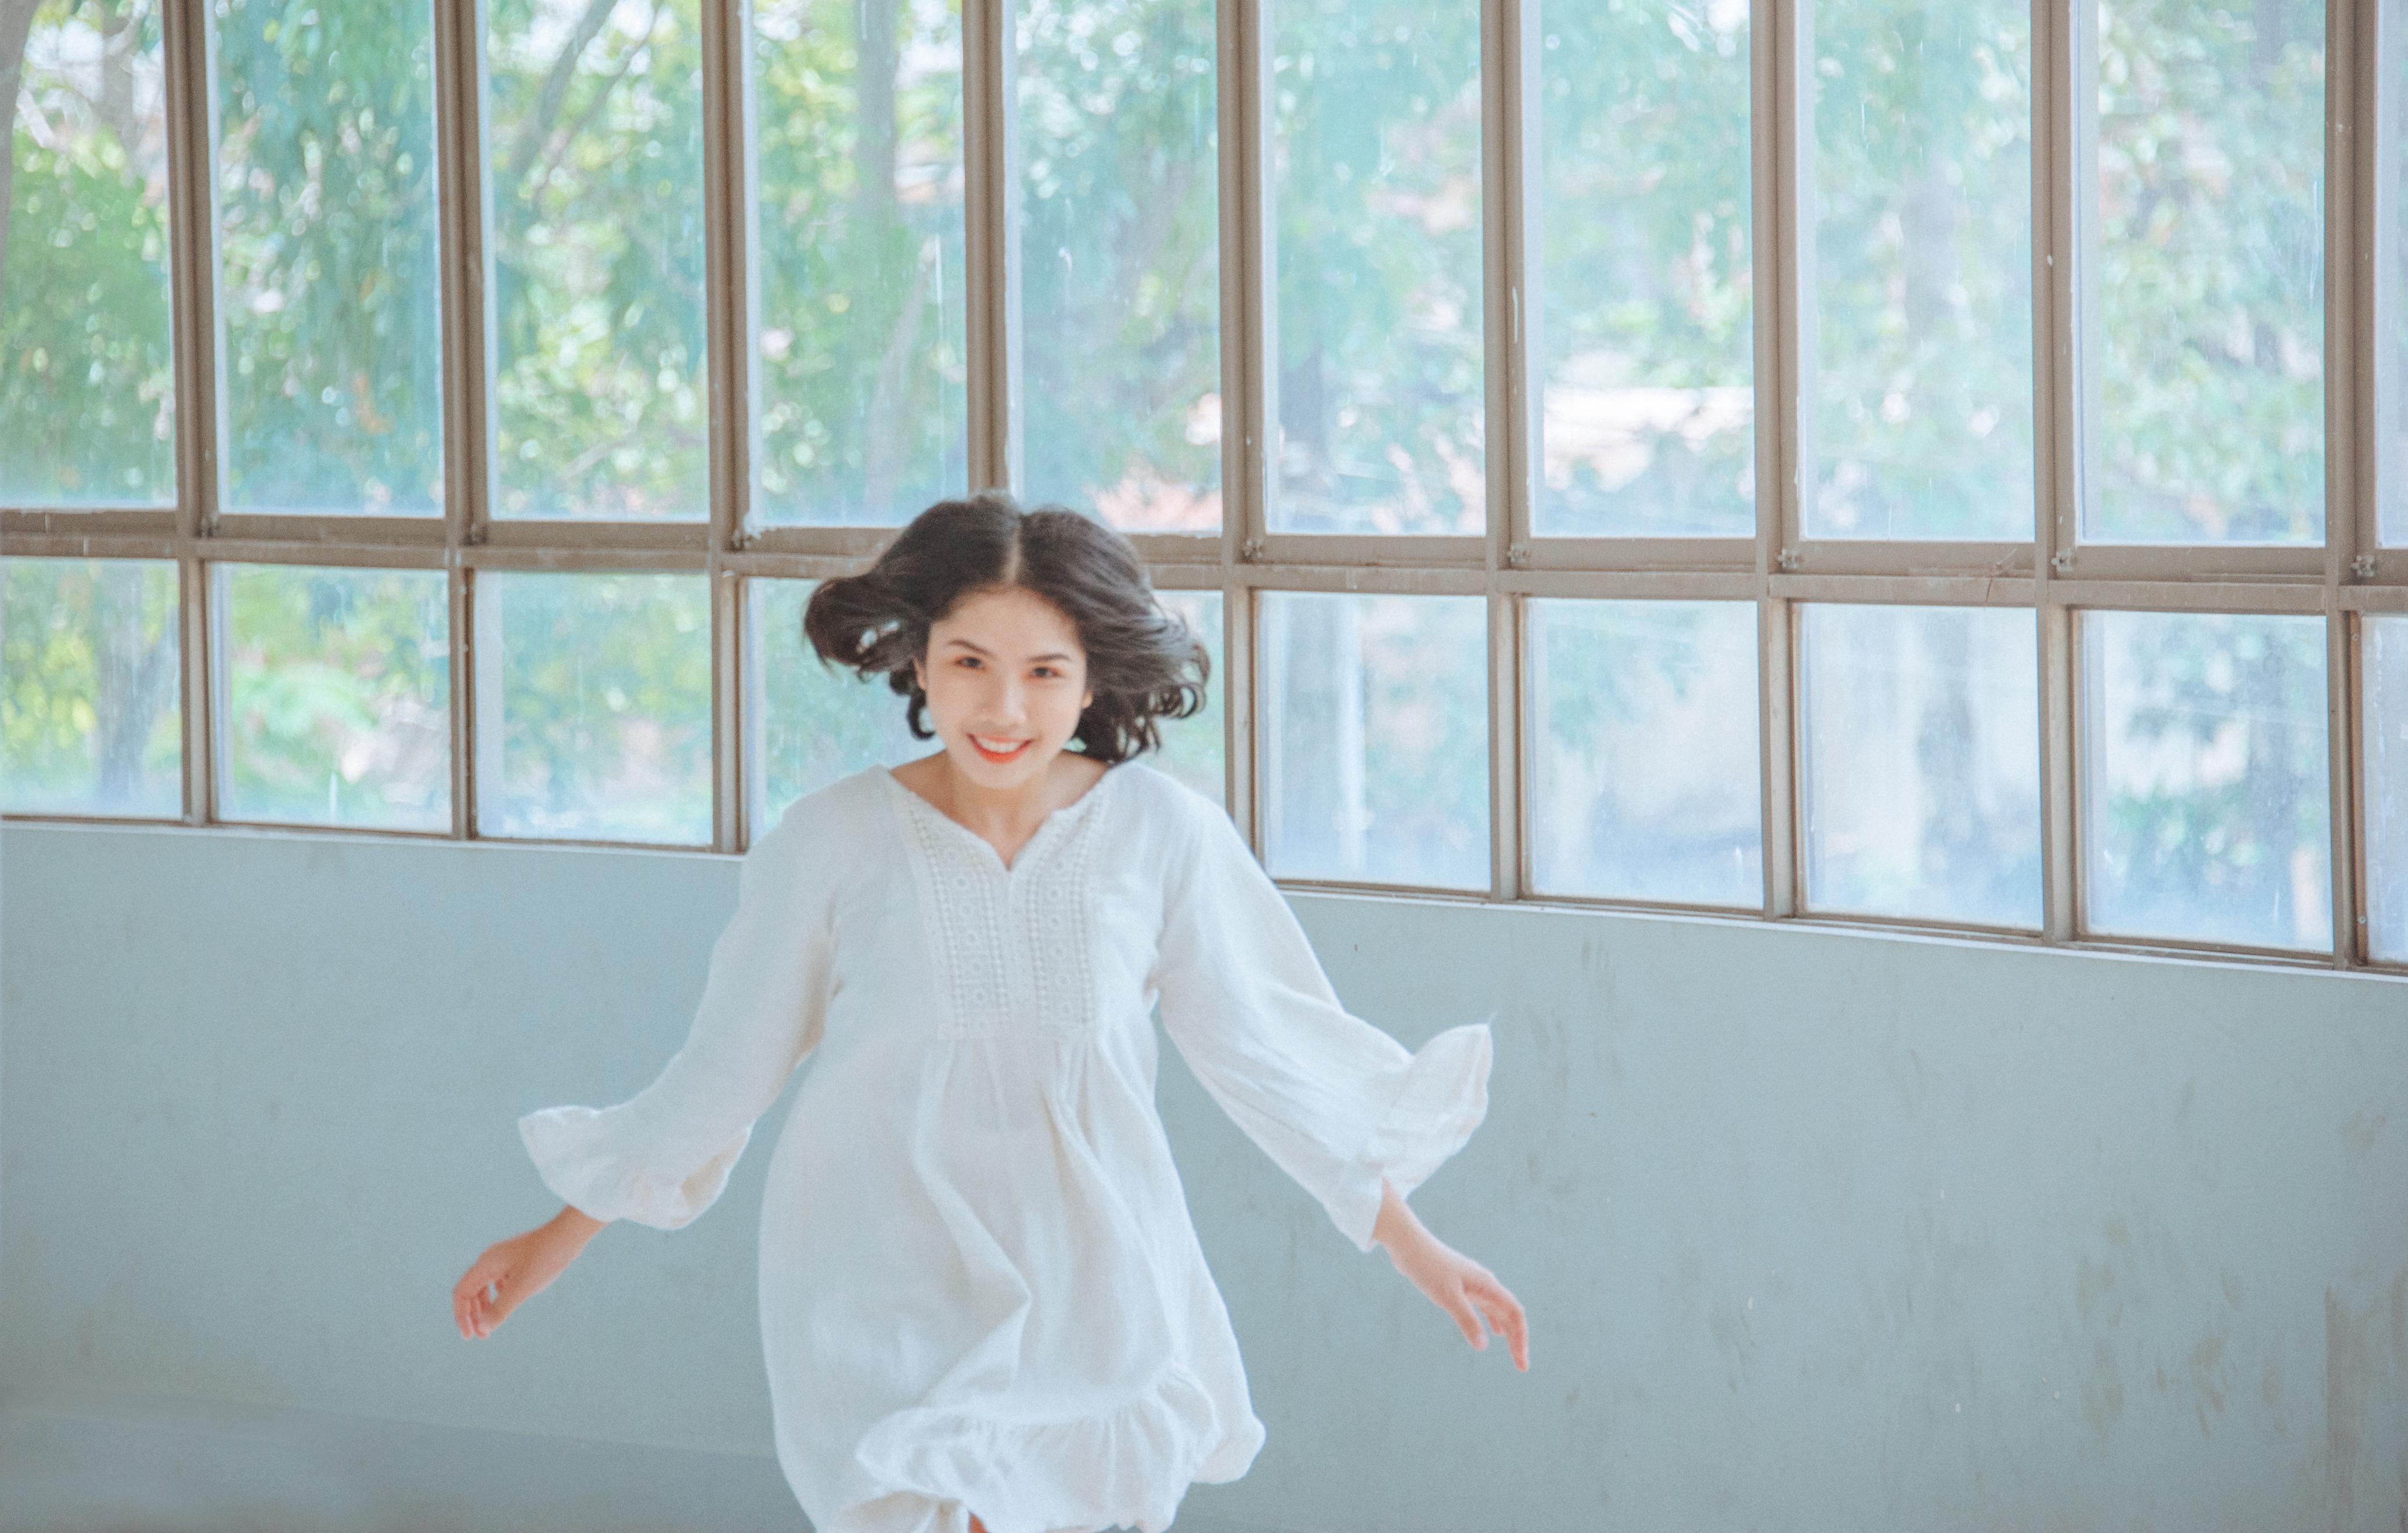 Fotos gratis : amor, linda, retrato, hermosa, contento, niña, art ...